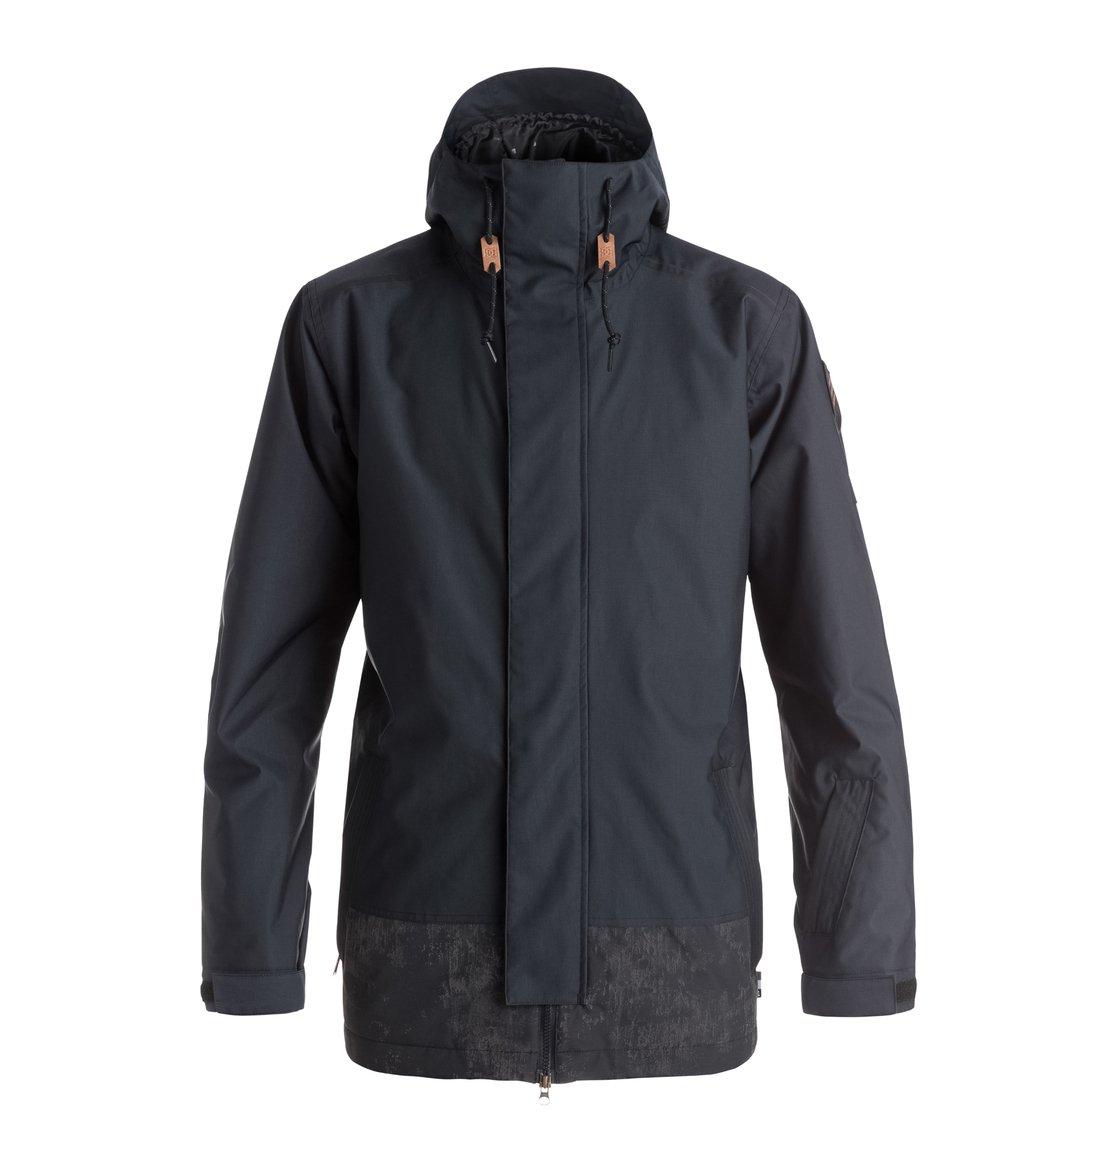 Men S Haven Snow Jacket Edytj03032 Dc Shoes